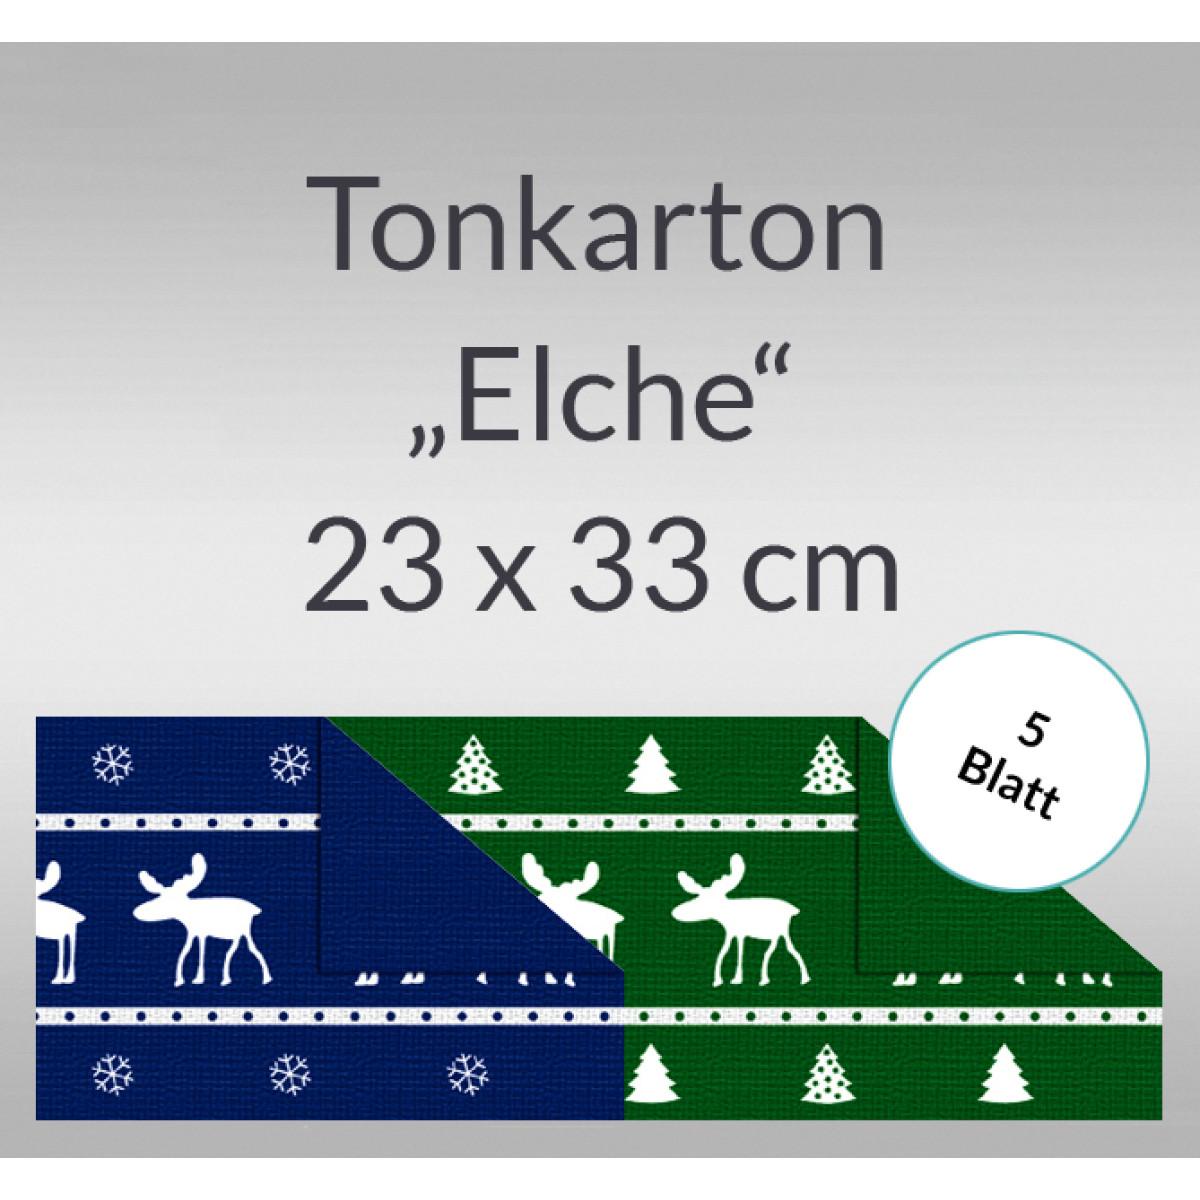 """Tonkarton """"Elche"""" 220 g/qm 23 x 33 cm - 5 Blatt"""